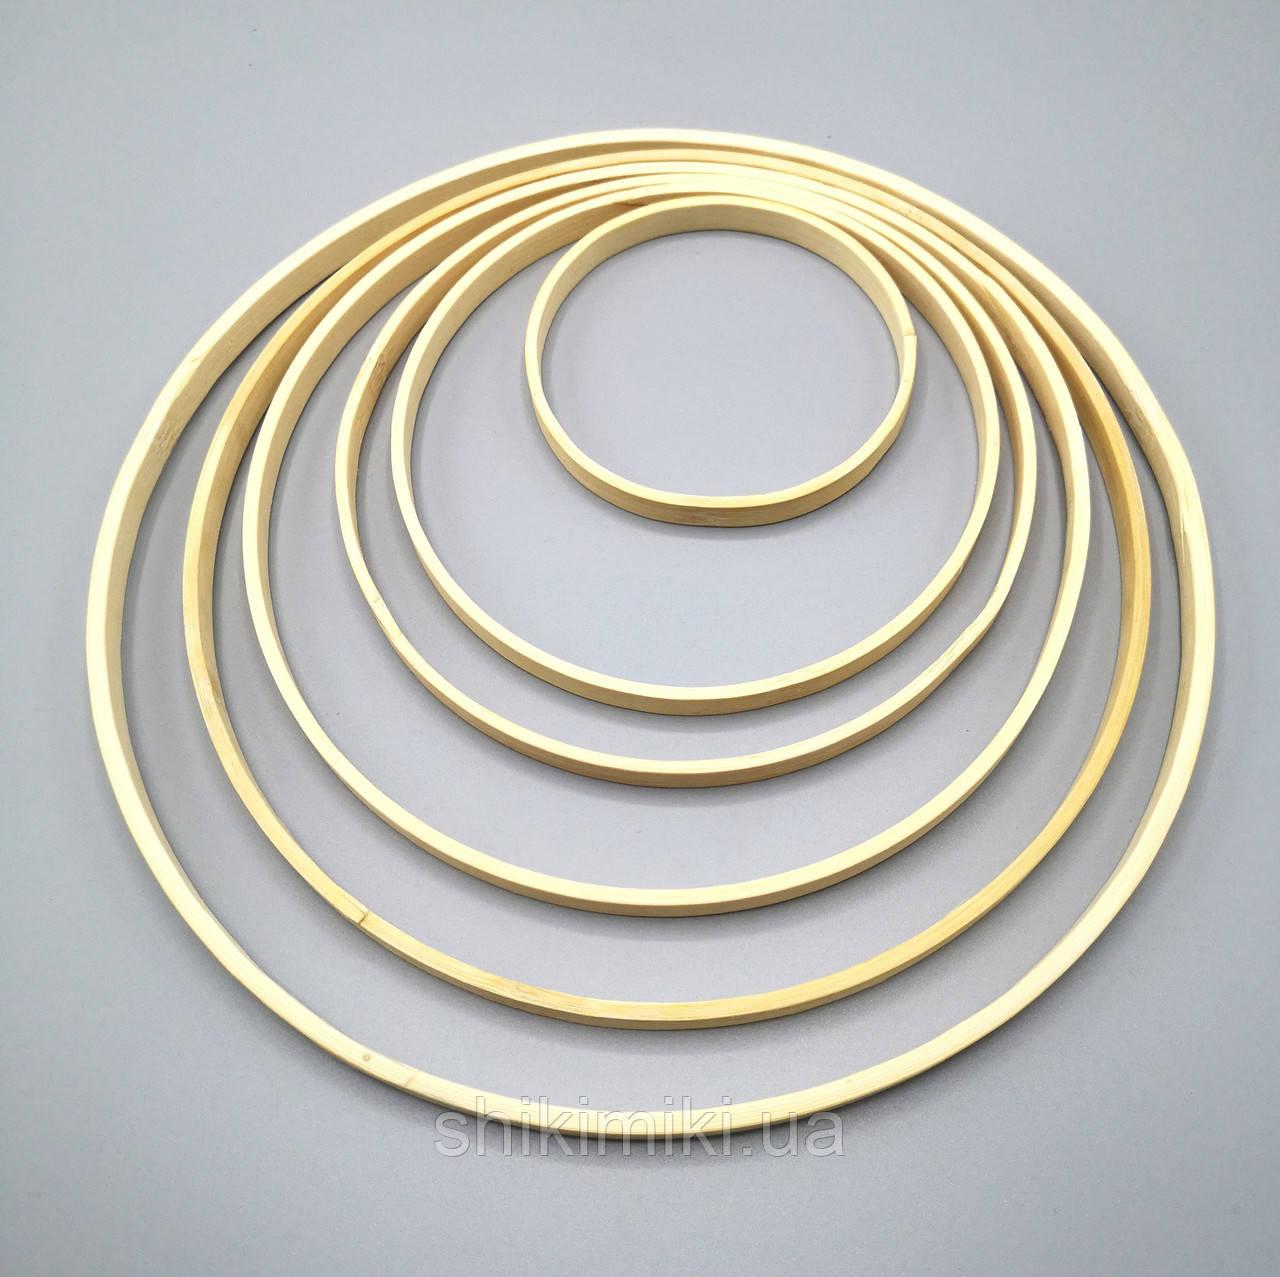 Кольцо бамбуковое для макраме,20 см